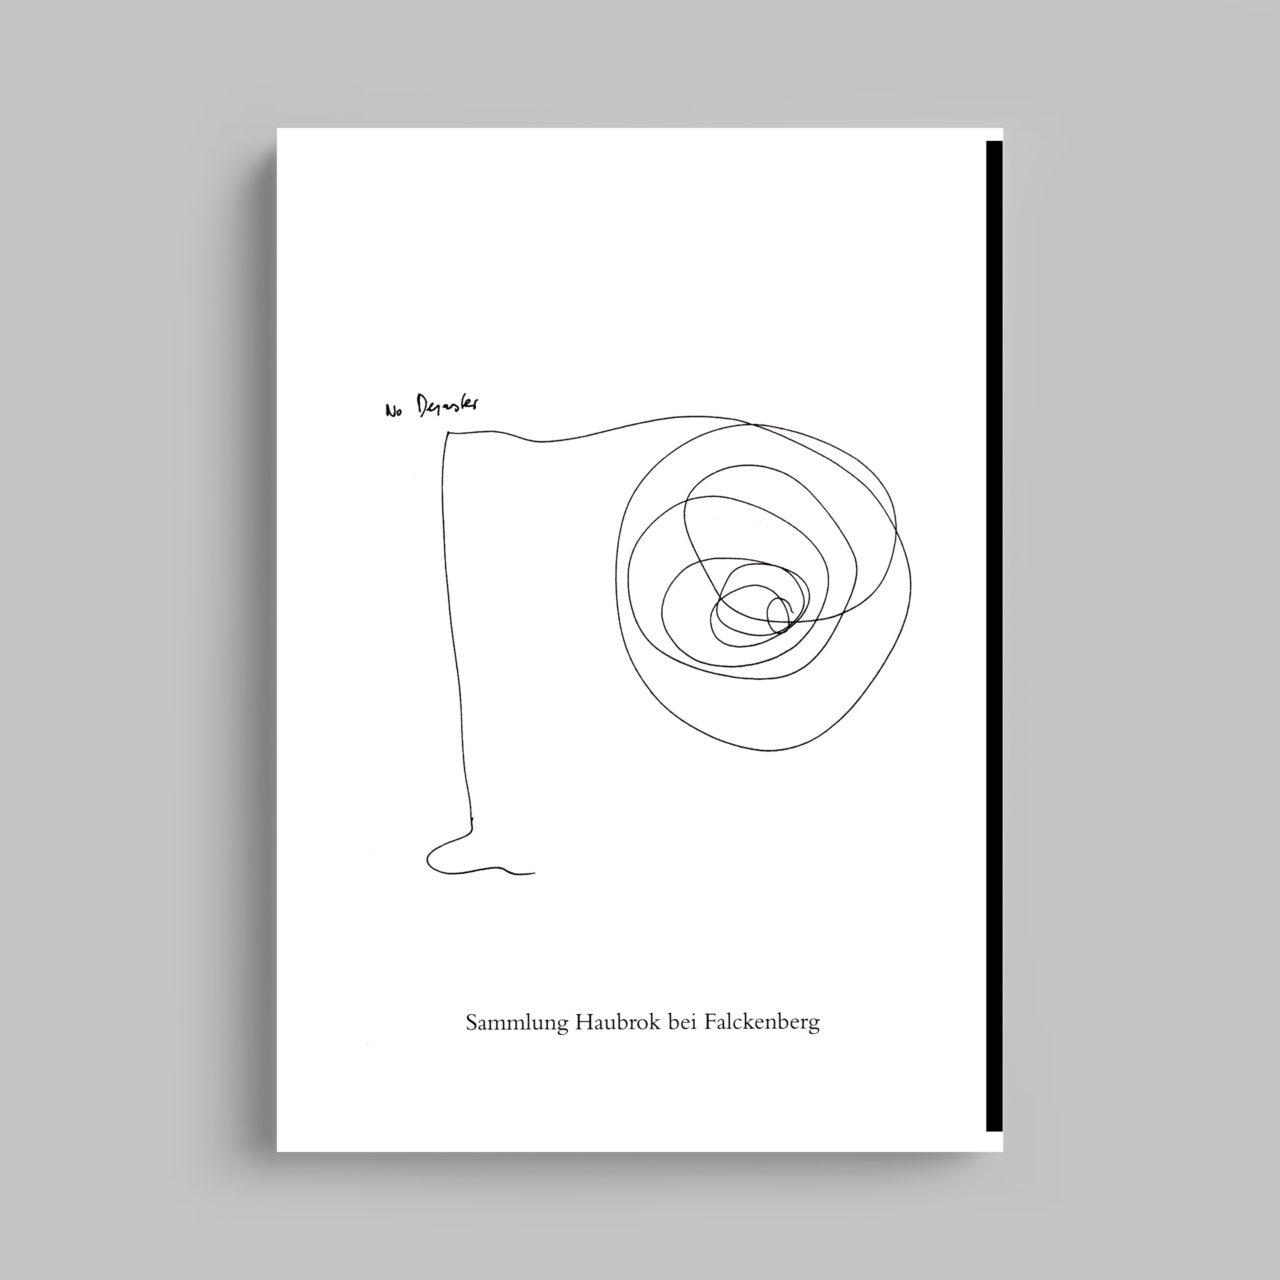 No Desaster, Snoeck Verlag (2013)